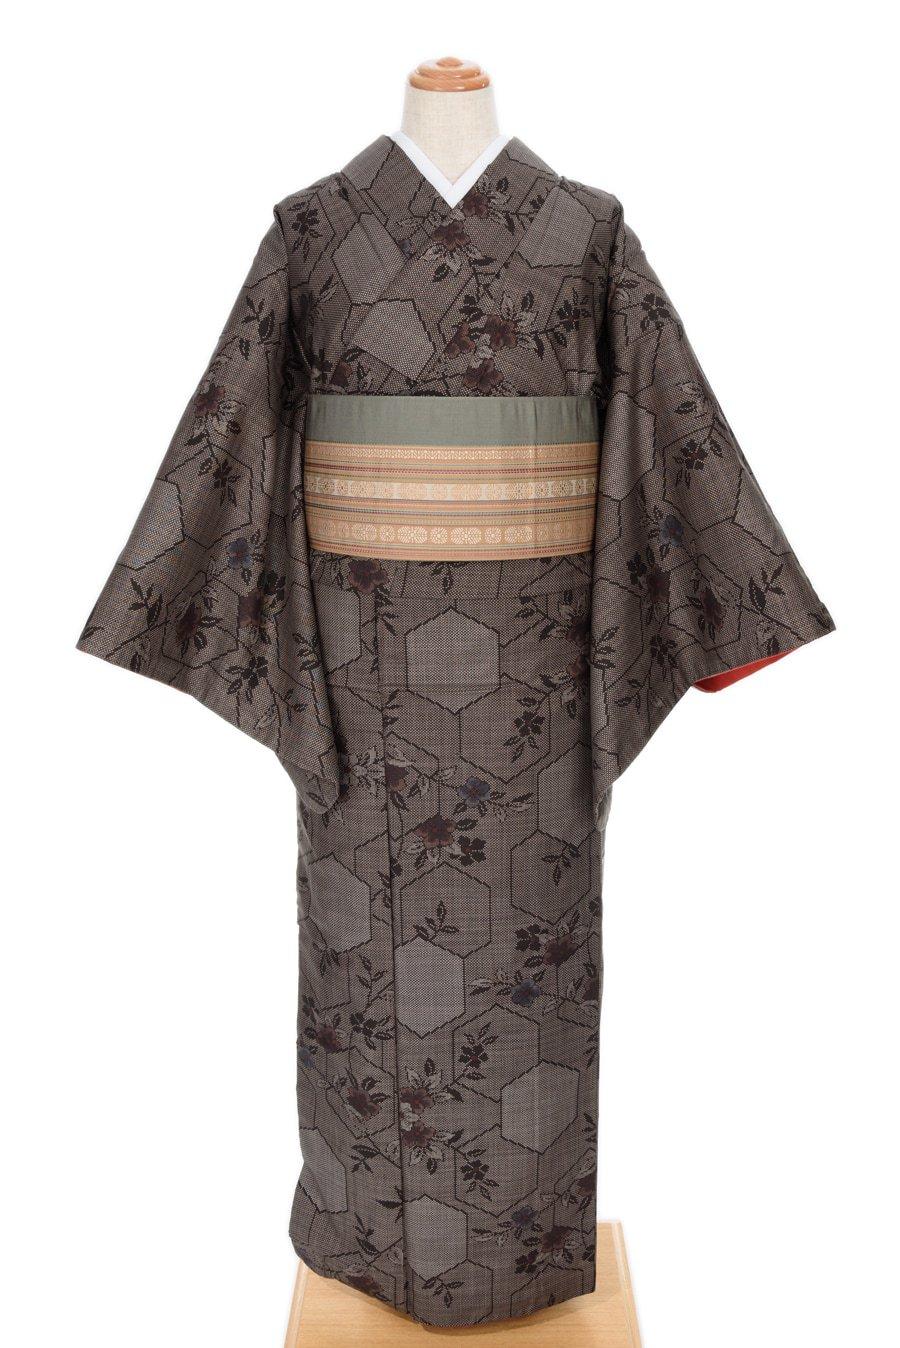 「大島紬 亀甲と花」の商品画像